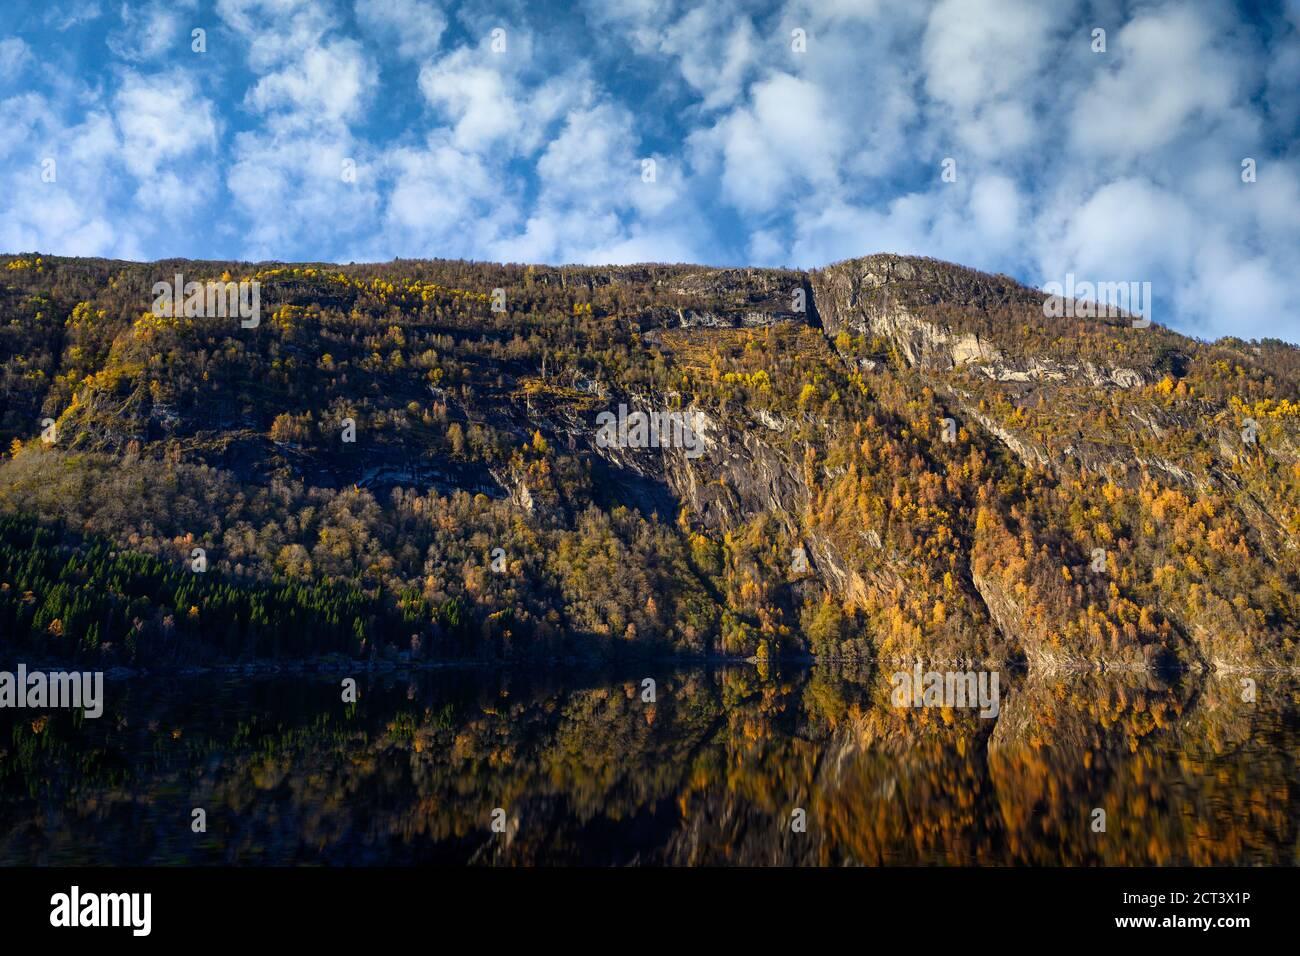 Las montañas en otoño cambian el color de las hojas para cambiar a reflejos amarillos y naranjas en el agua. Es una hermosa vista natural de Noruega. Foto de stock